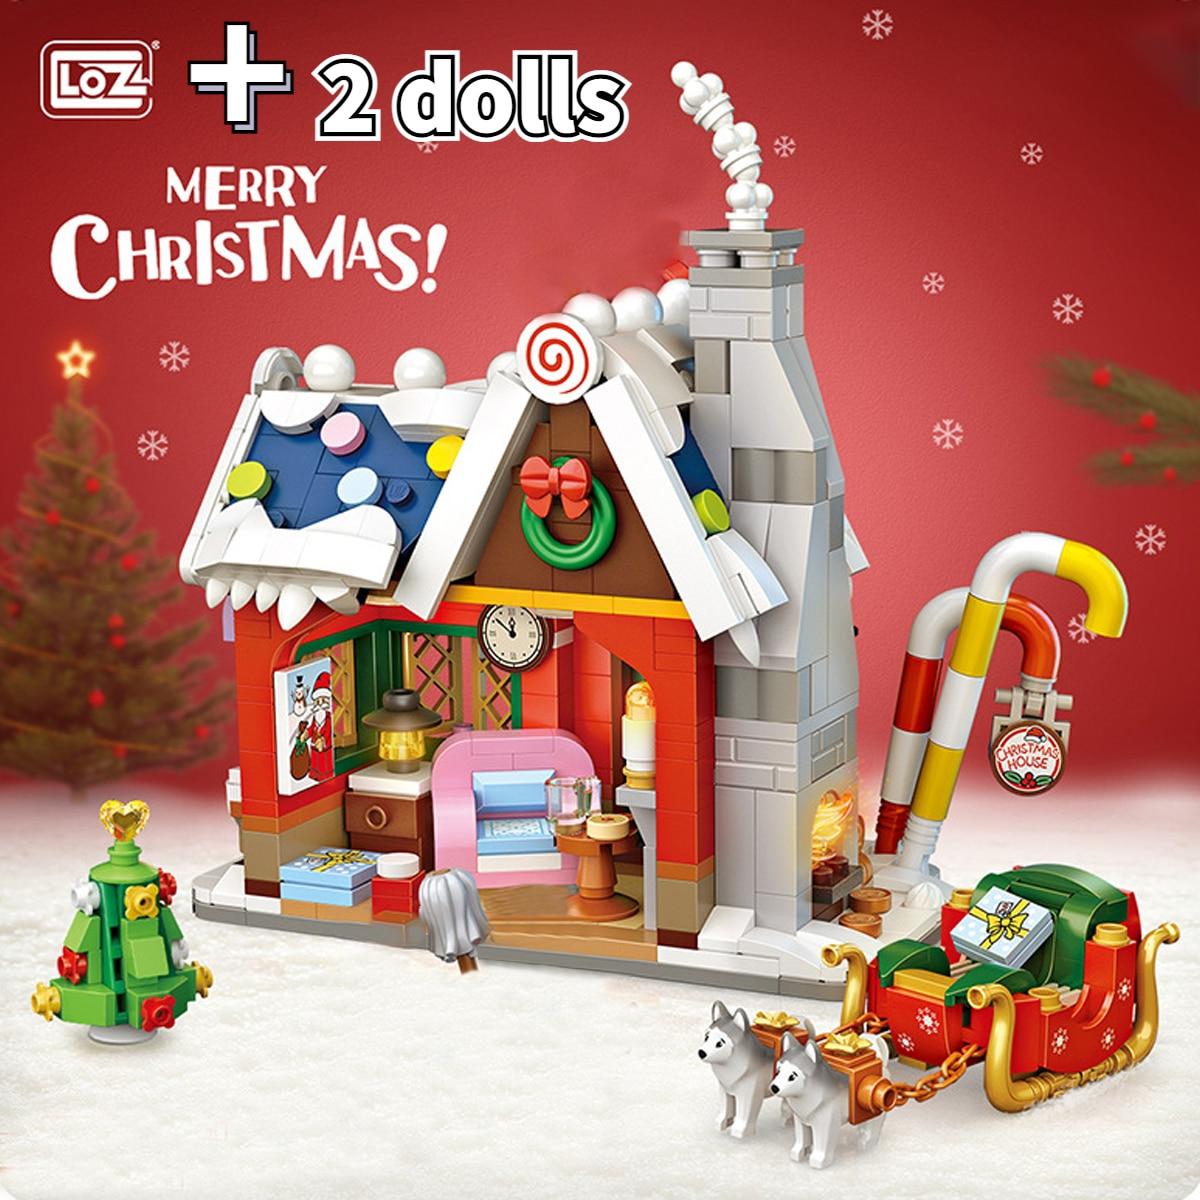 LOZ технические кирпичи, милый Рождественский набор, игрушки для детей, игрушки, Санта-Клаус, детские подарки, подарок для девочек, новый год ... 18 104 набор для изготовления интерьерной игрушки ксюша 26см